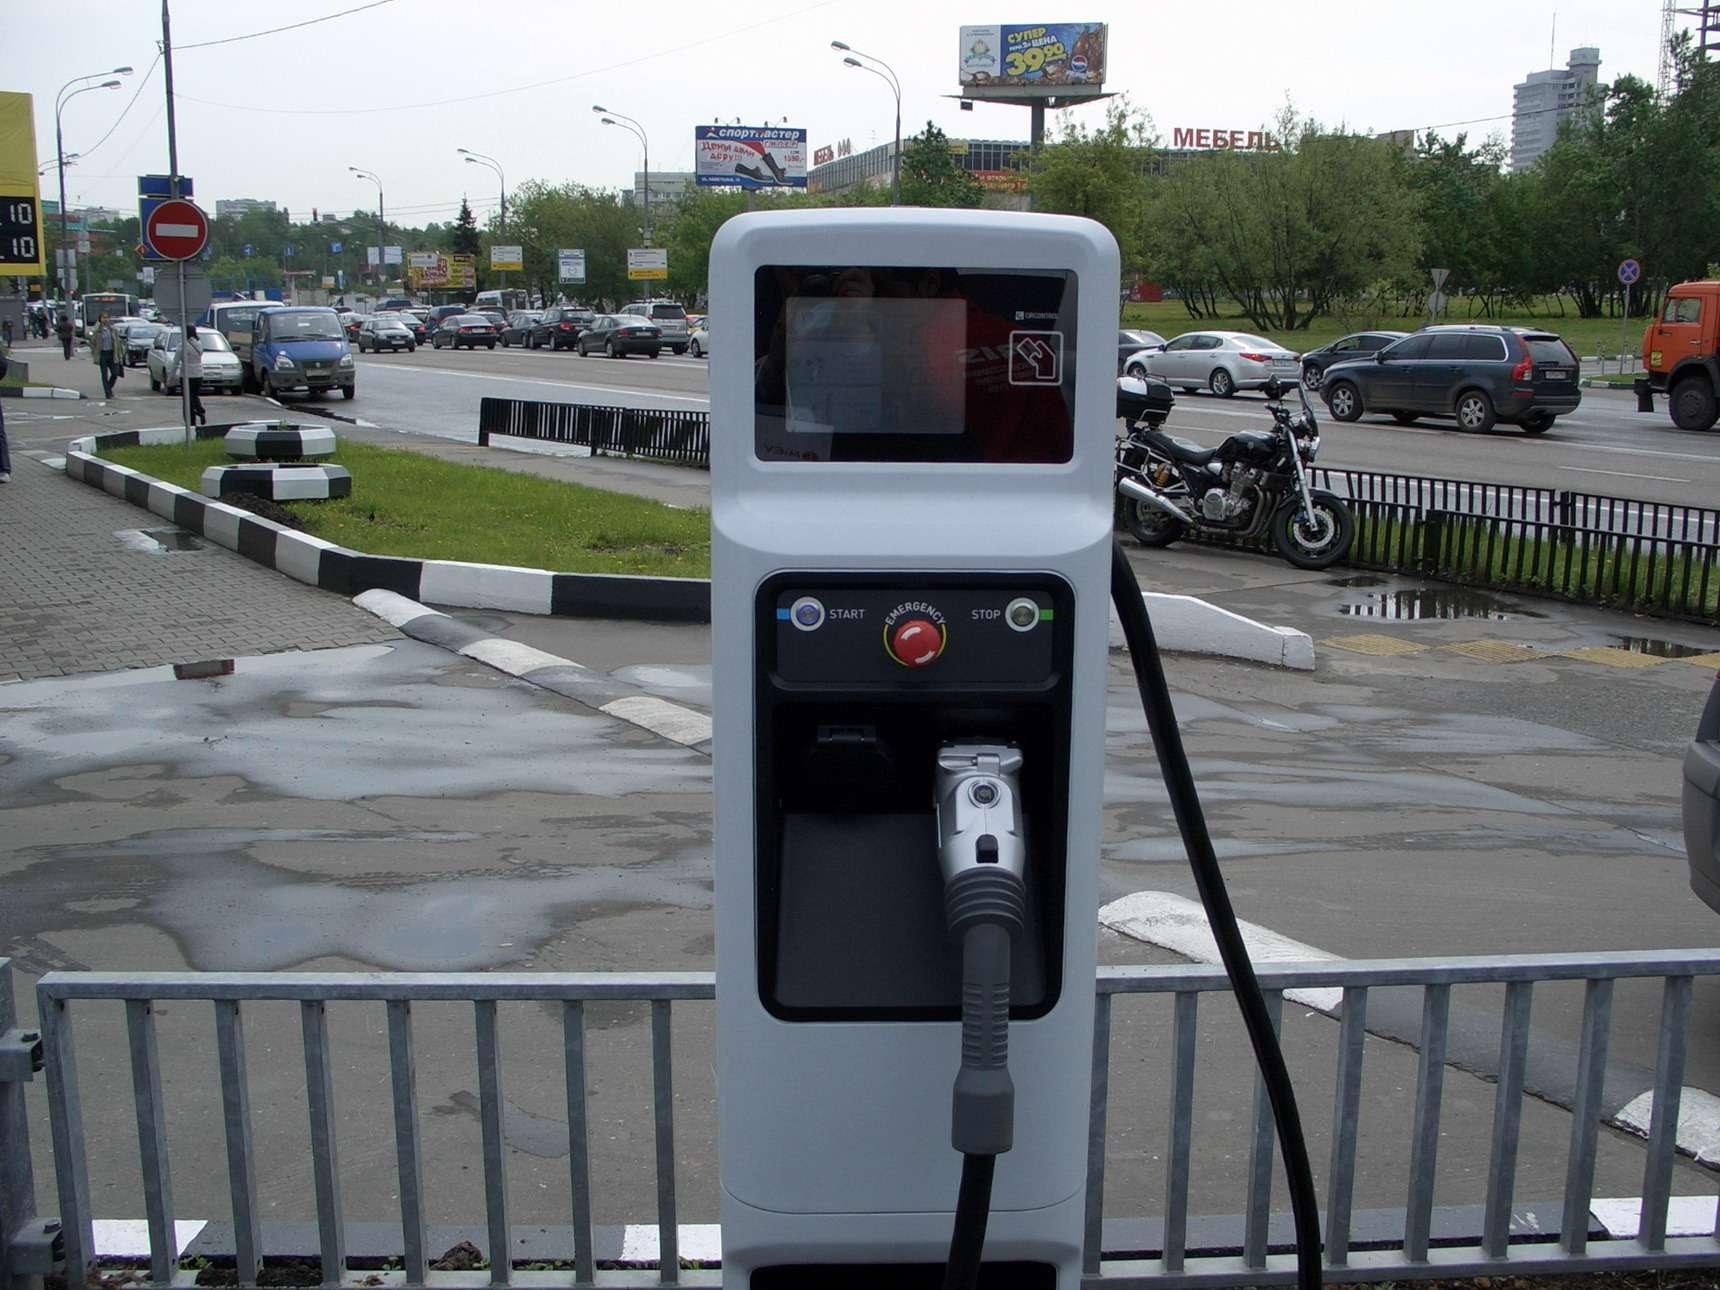 Недоэкологии: нарынке электромобилей наступил блэкаут— фото 581728